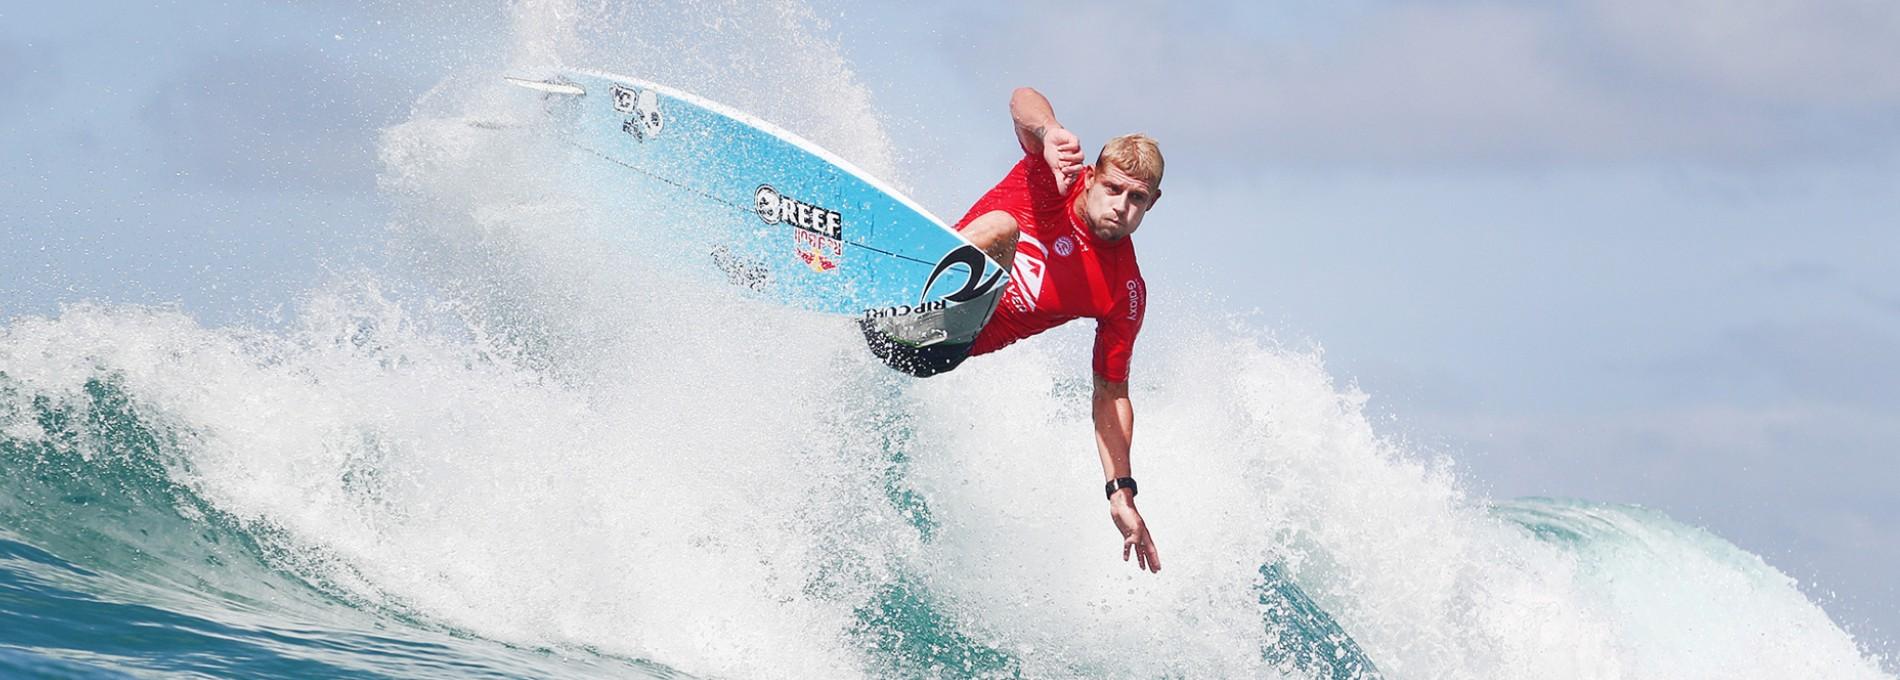 Façam suas apostas: começou a temporada do Mundial de Surf